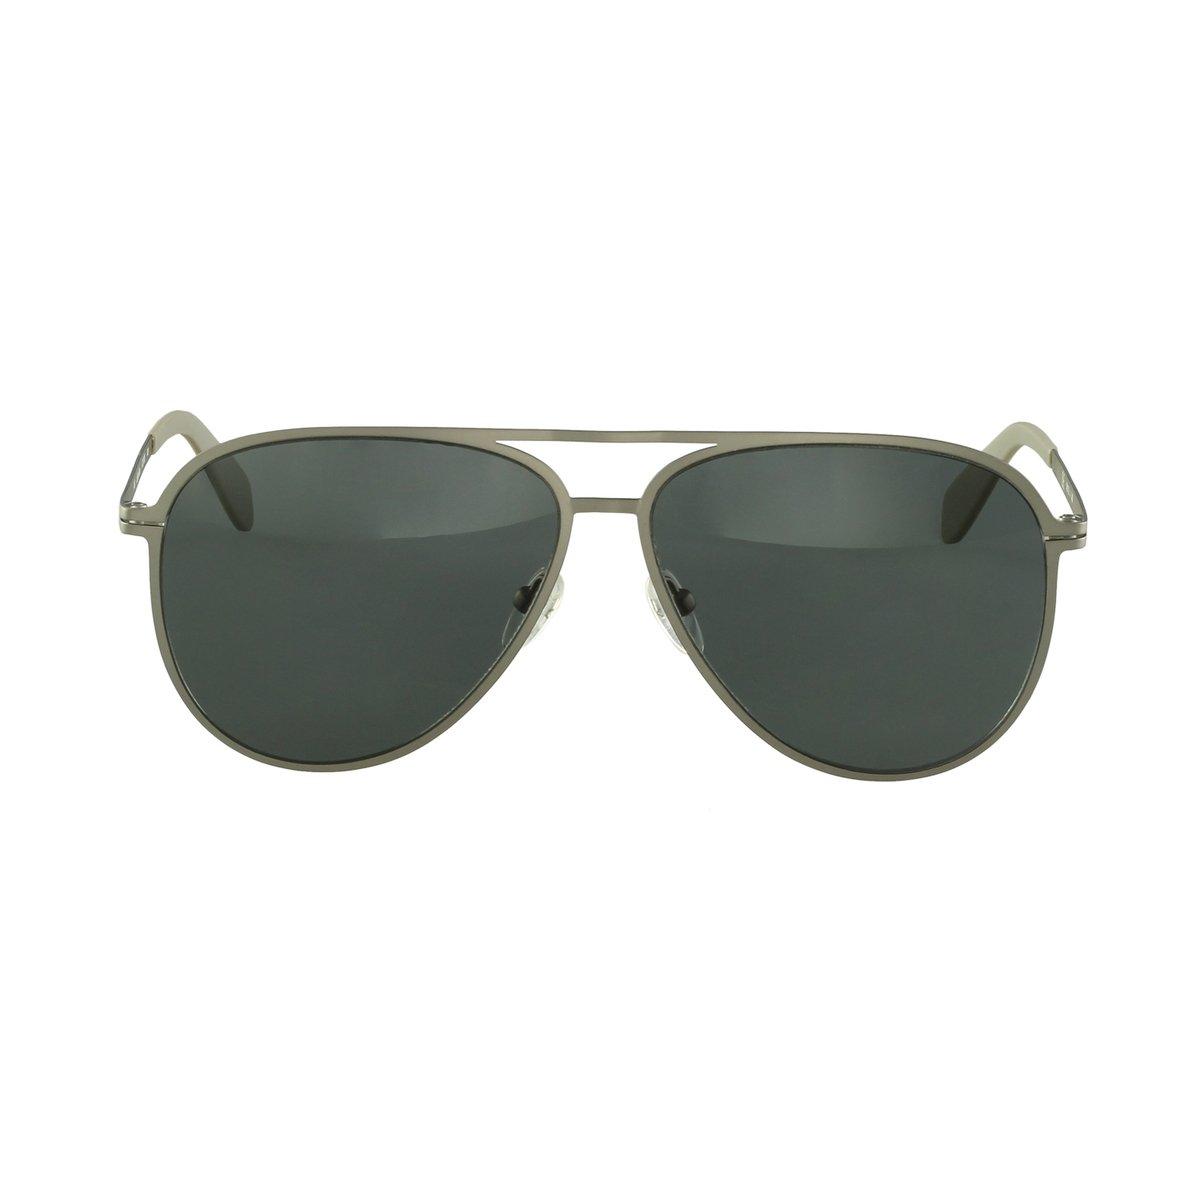 6c02fe48922e4 Óculos de Sol Calvin Klein Casual Prata - Compre Agora